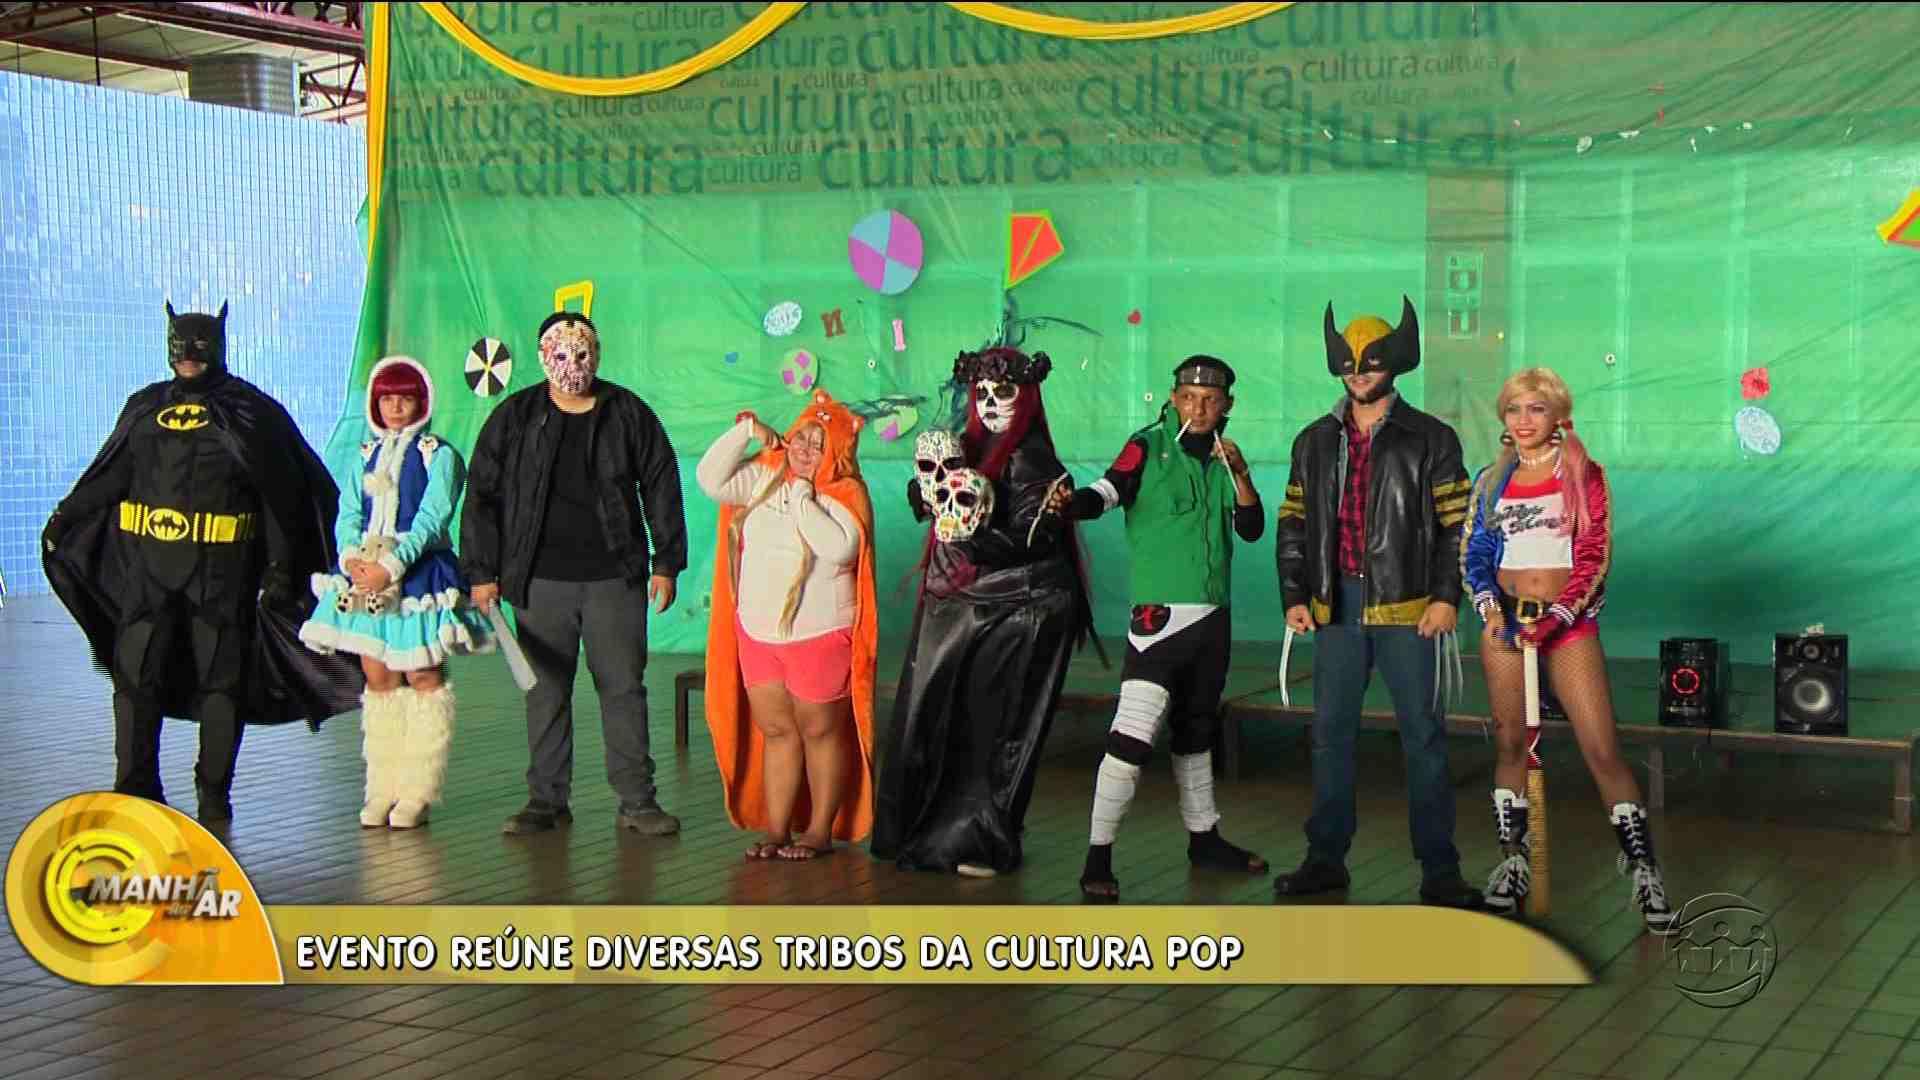 FEIRA DE CULTURA GEEK REÚNE TECNOLOGIA, CULTURA POP E GAMES - Manhã no Ar 16/10/17